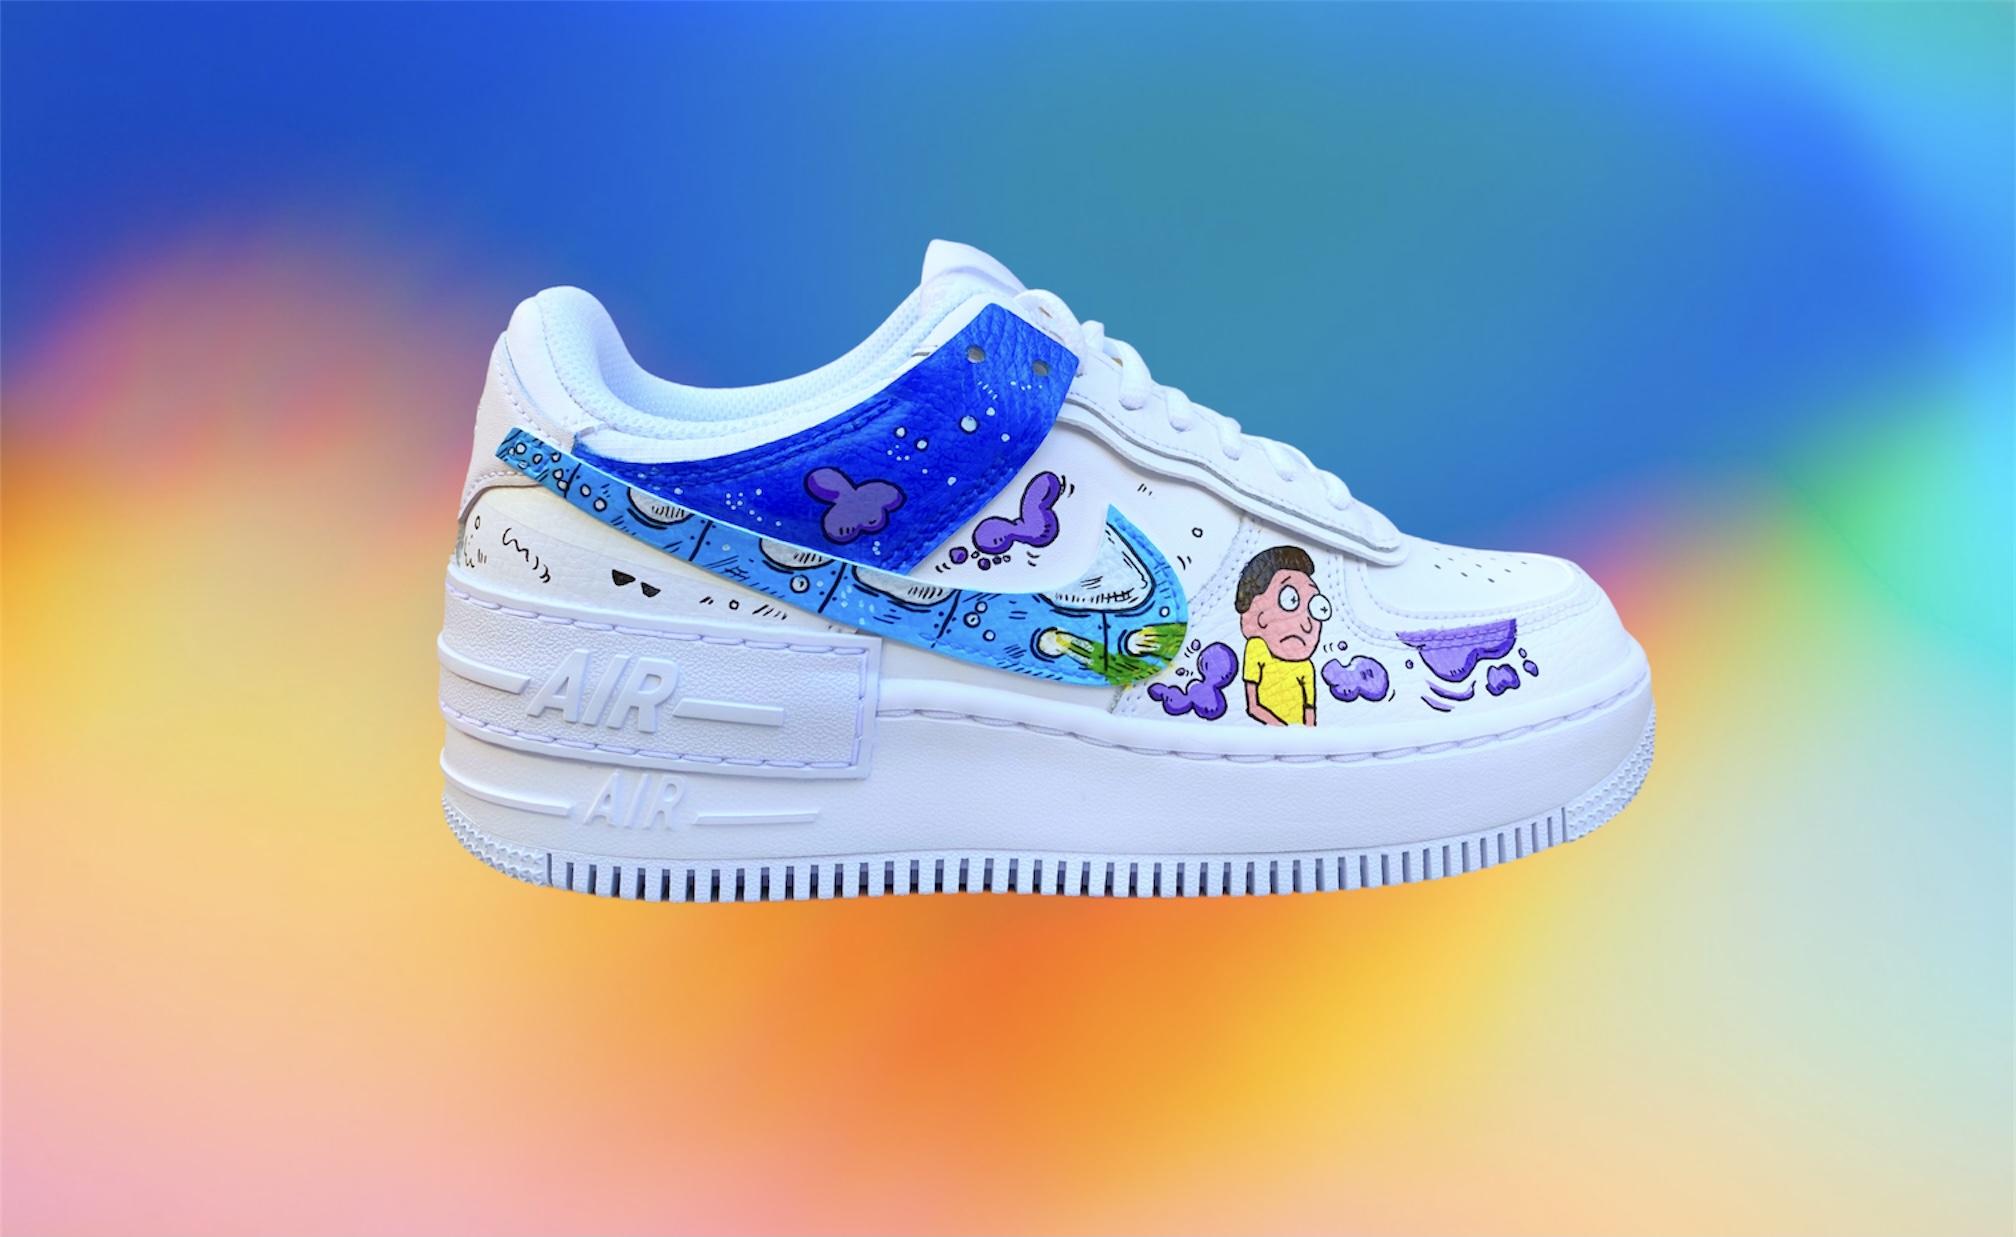 Les sneakers commandées dernièrement par les clients !